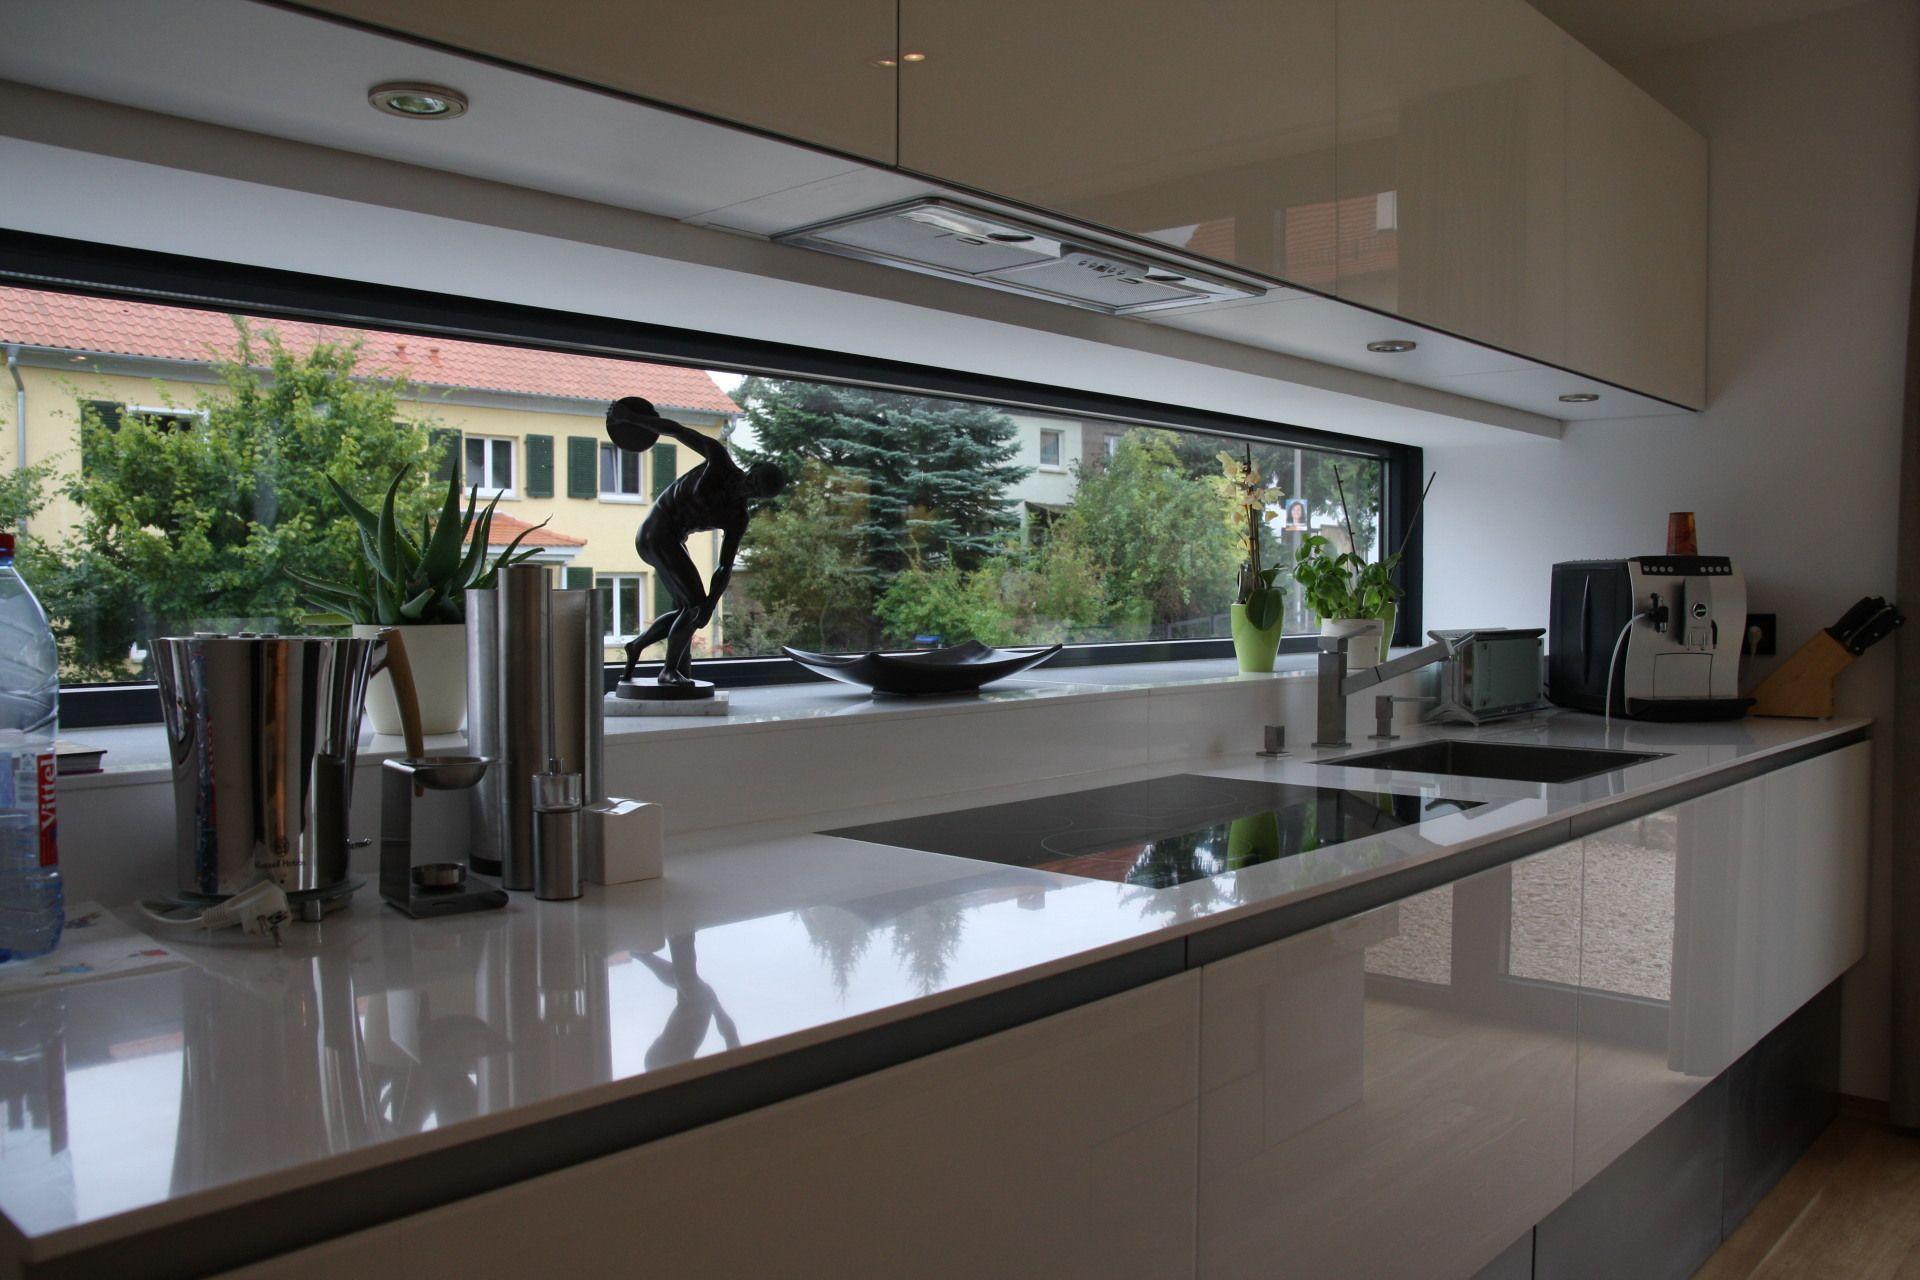 Behind sink countertop height window imagens